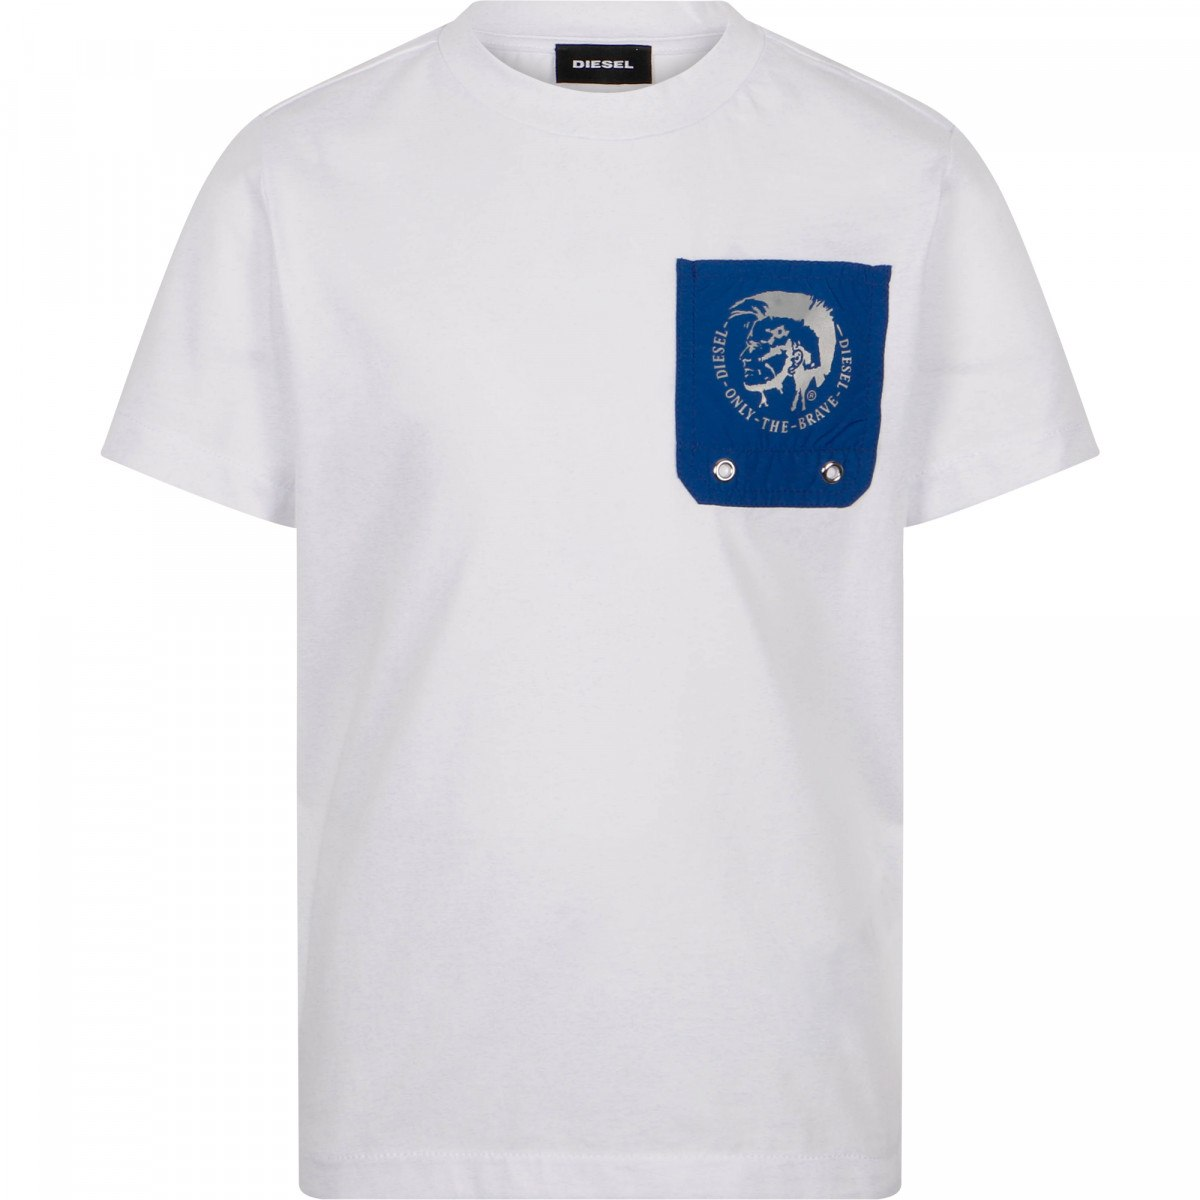 טישירט - DIESEL לבנה עם כיס כחול - 8-16 שנים